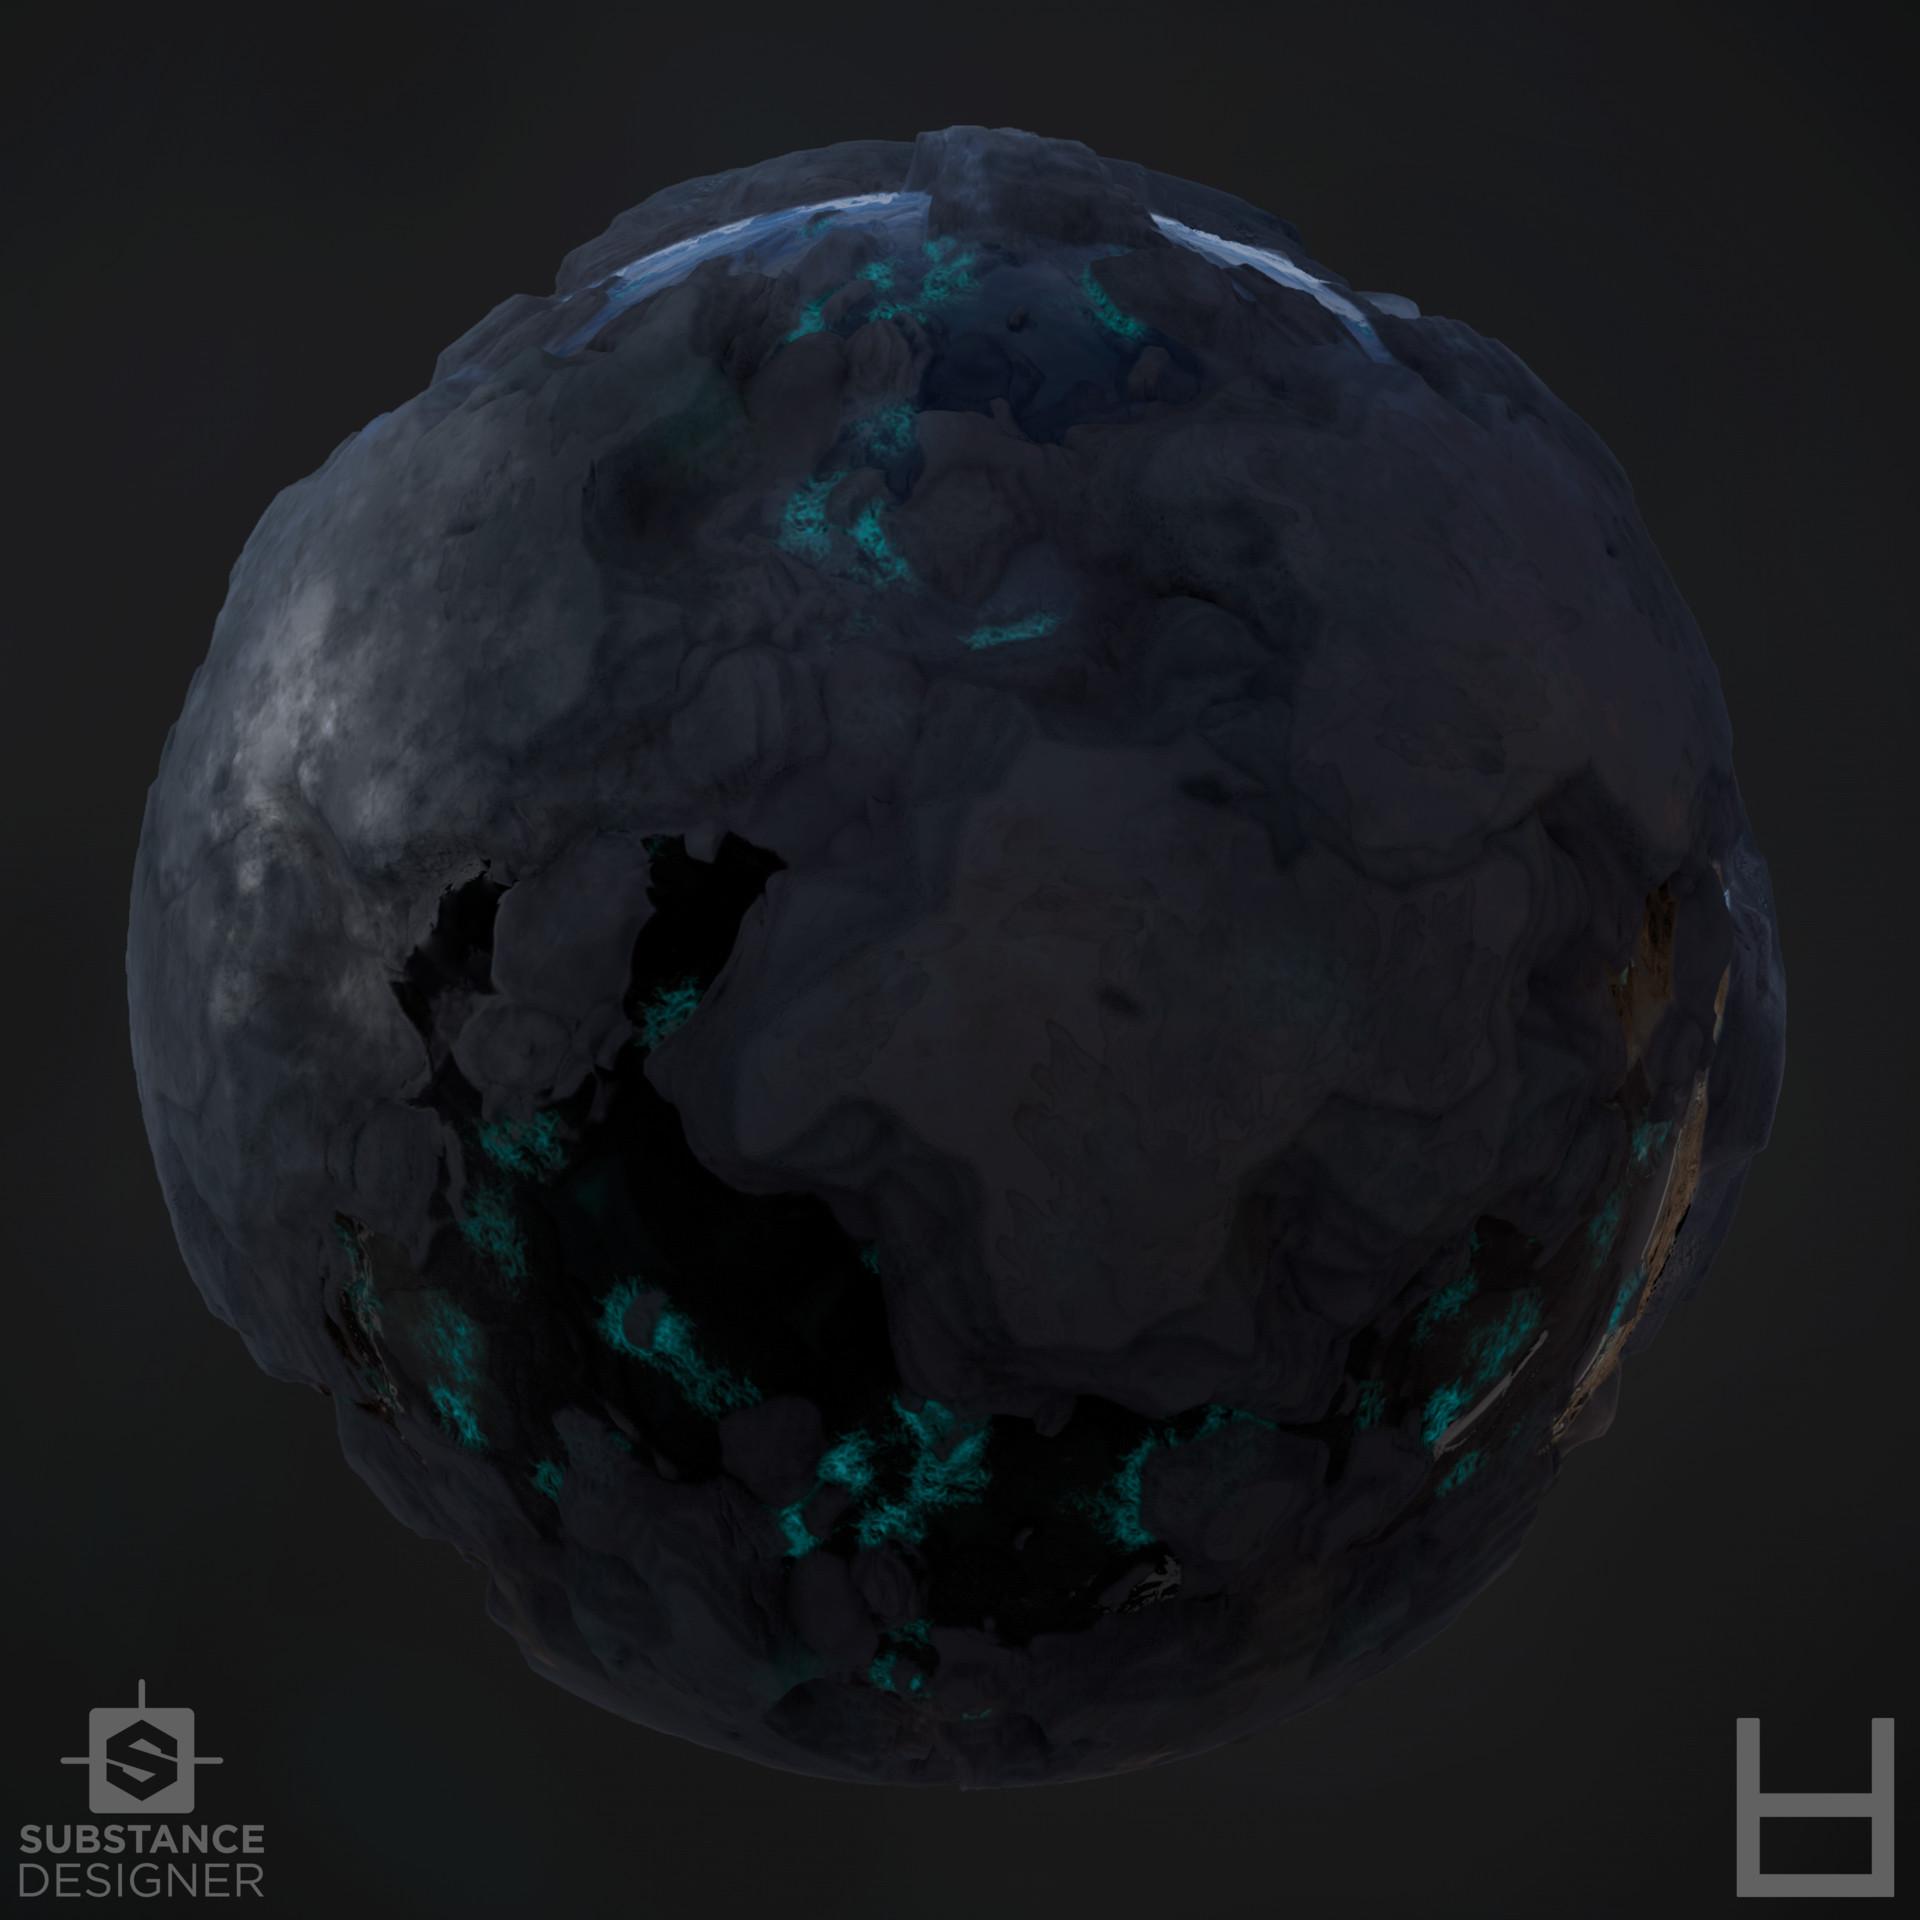 ArtStation - Alien Water Rock PBR Texture - Ilas (Water Planet